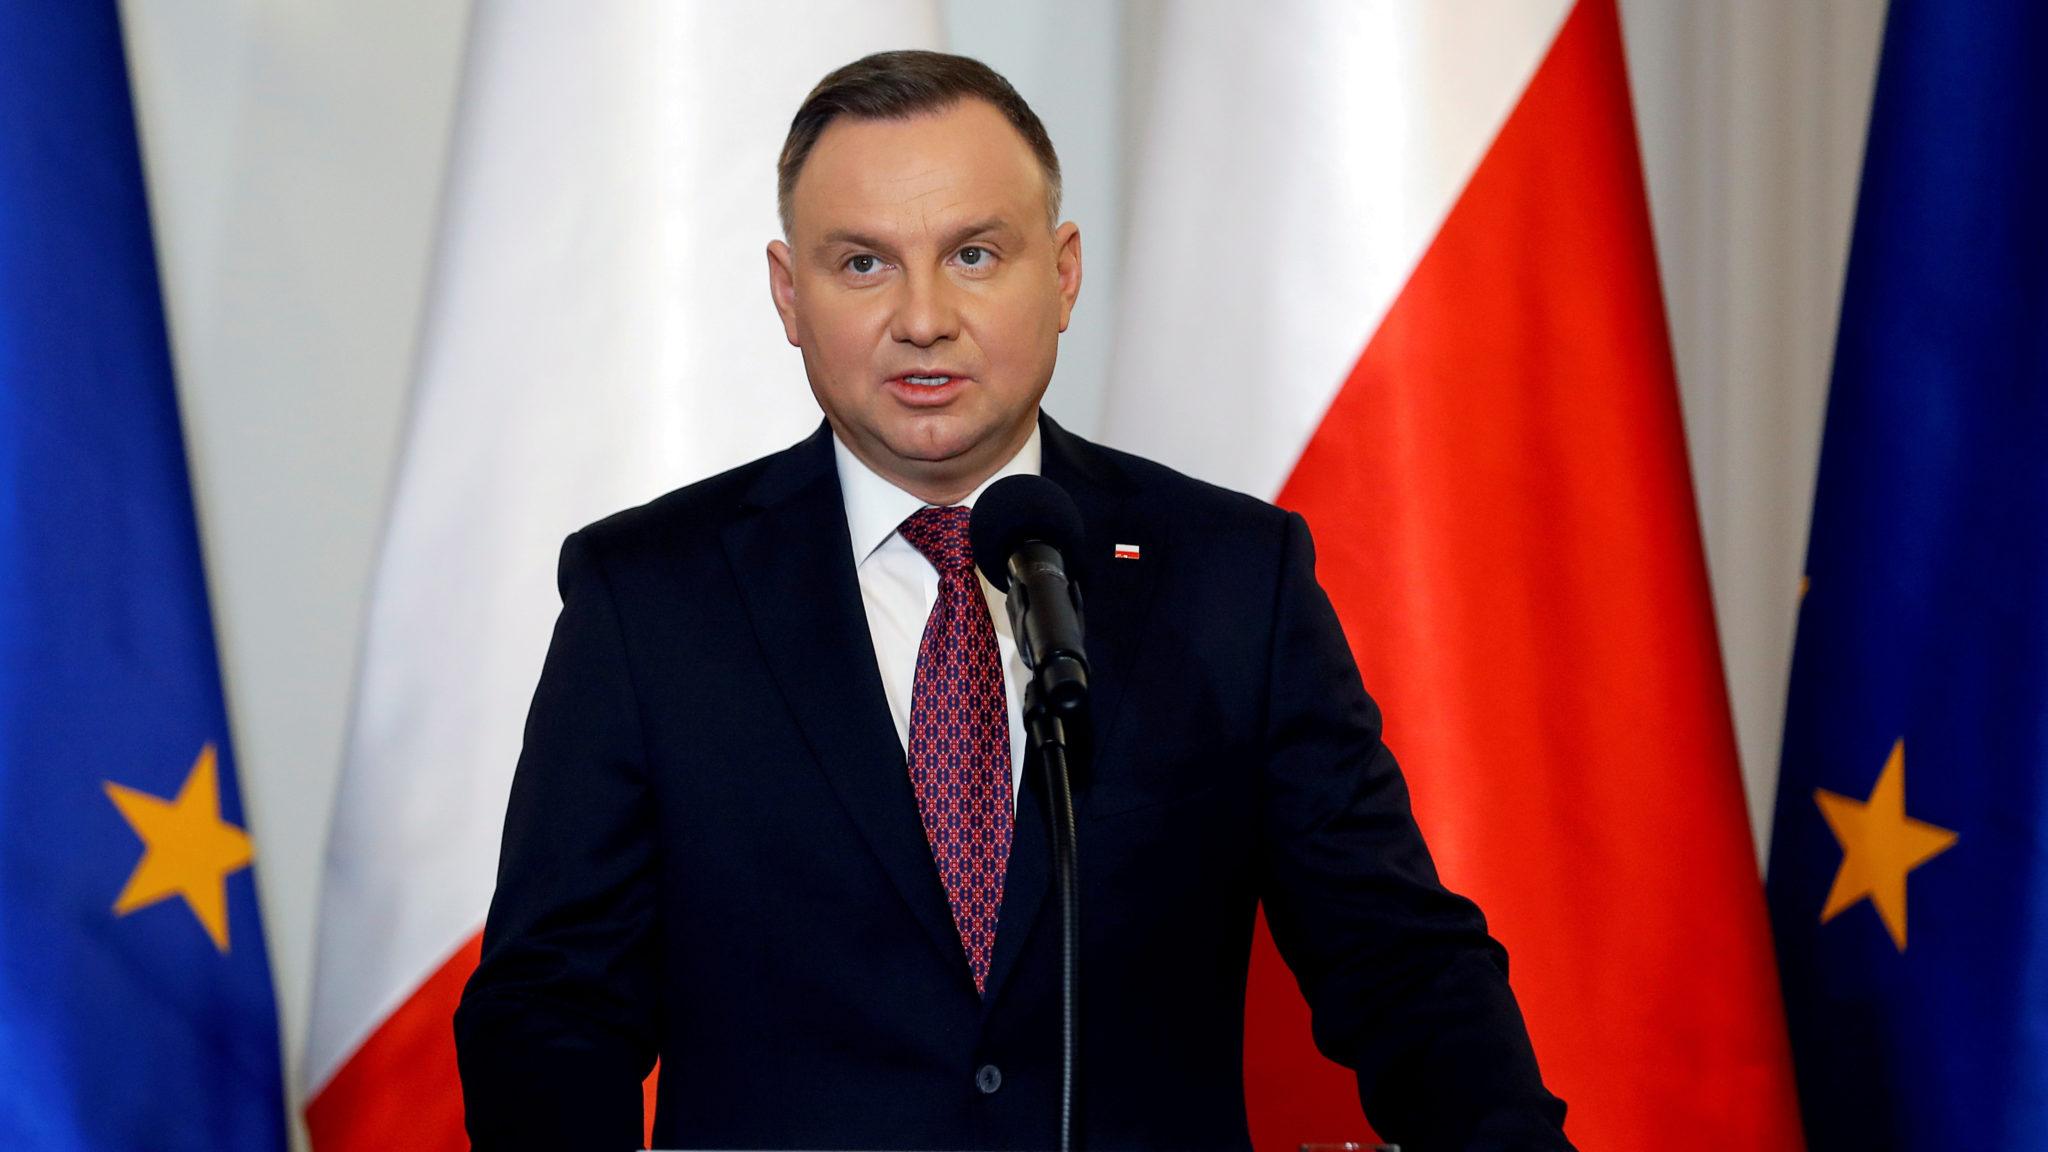 Polen starter bygging av gassrørledning til Norge – Document